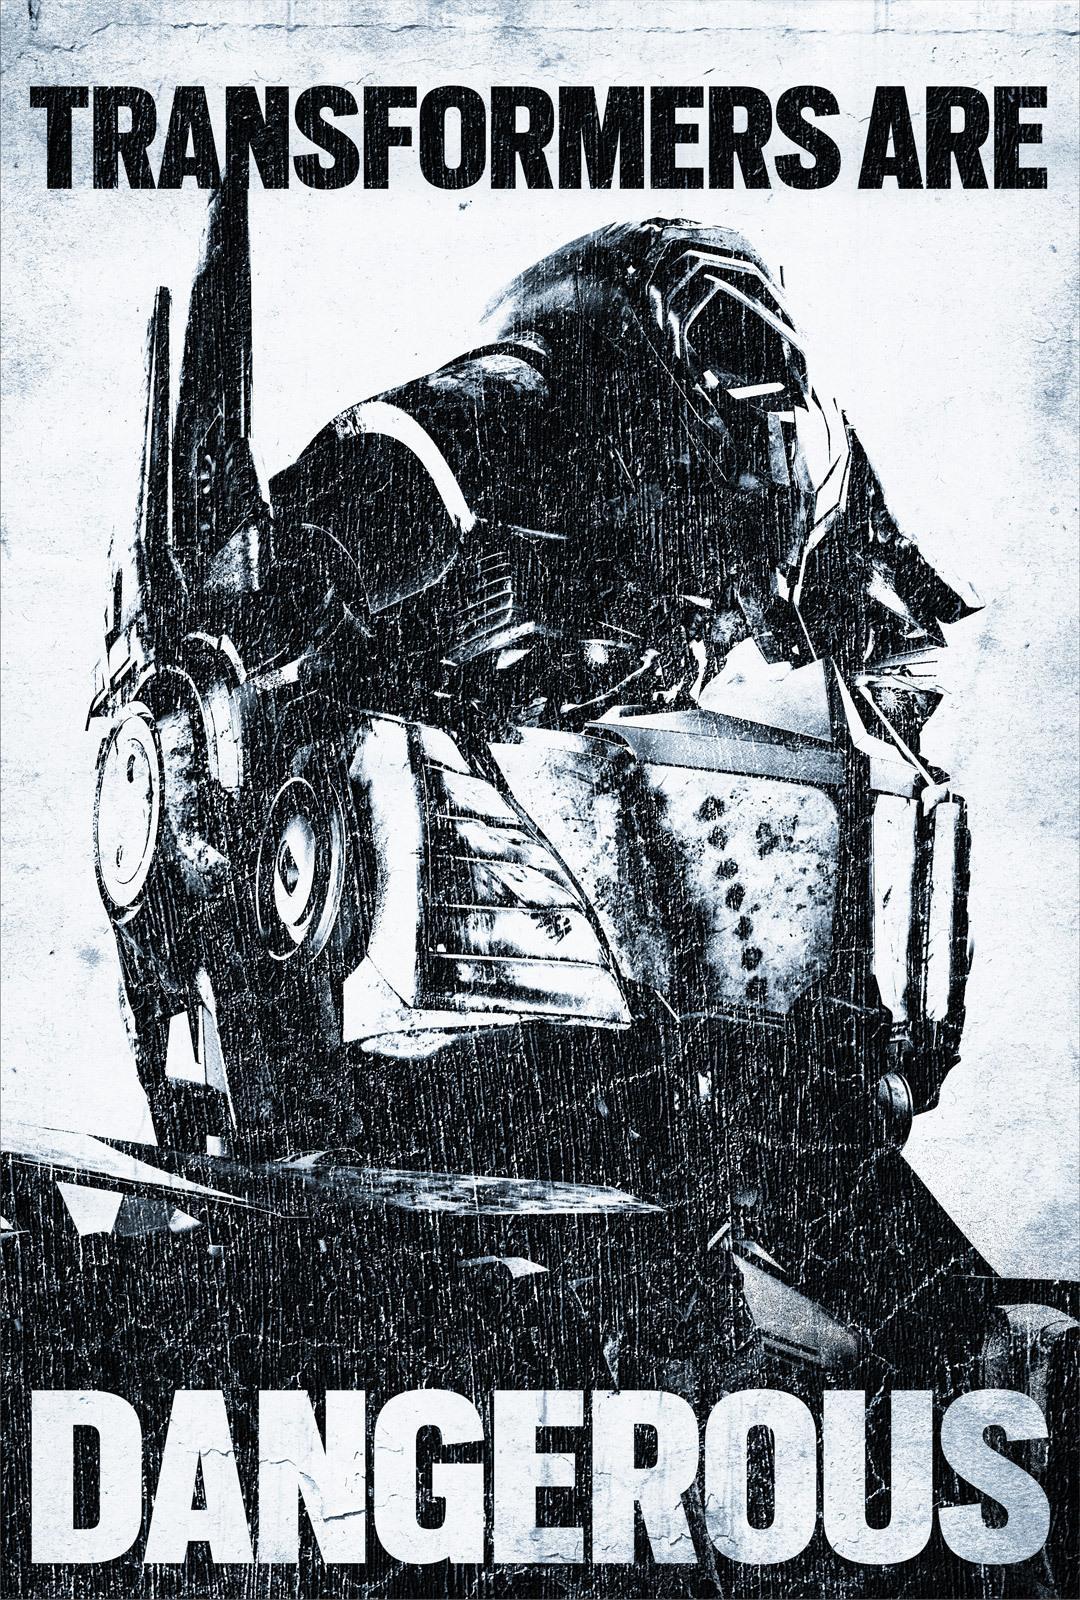 《变形金刚4:绝迹重生》(Transformers: Age of Extinction)先行预告片发布